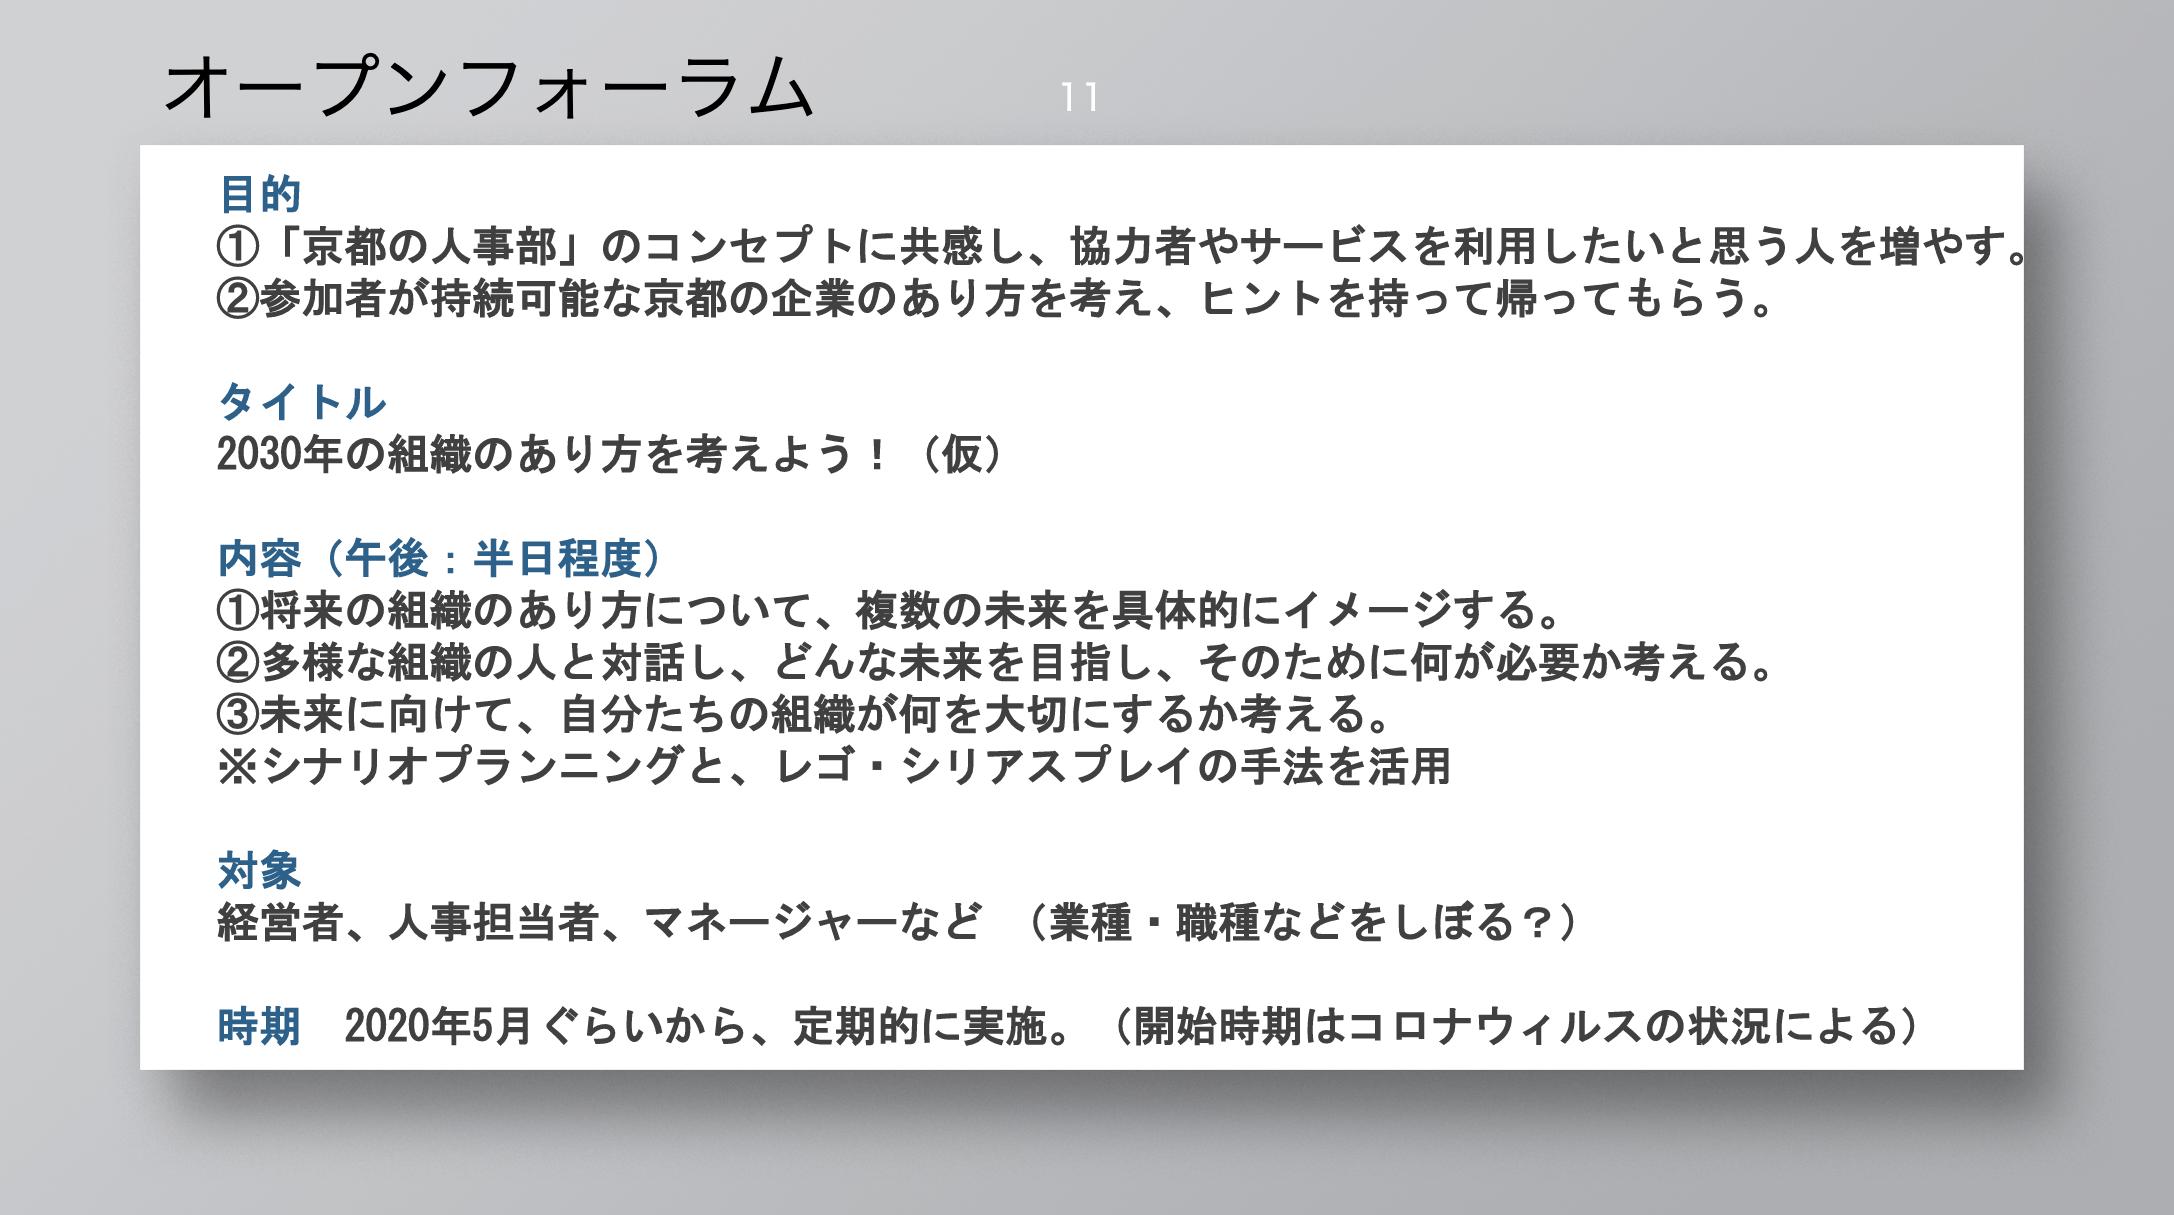 スクリーンショット 2020-09-01 10.48.50